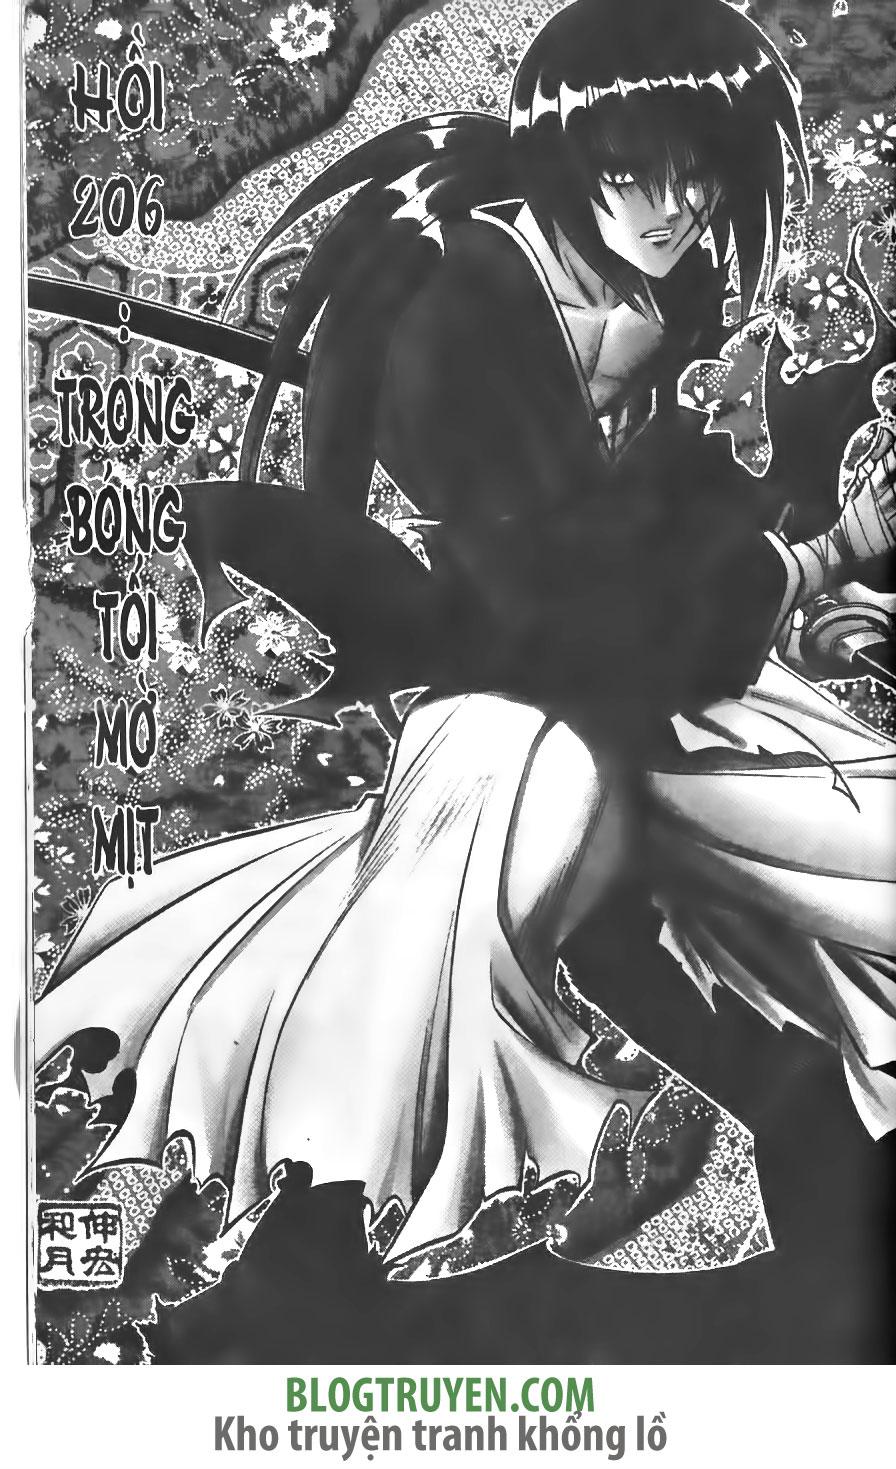 Rurouni Kenshin chap 206 trang 3